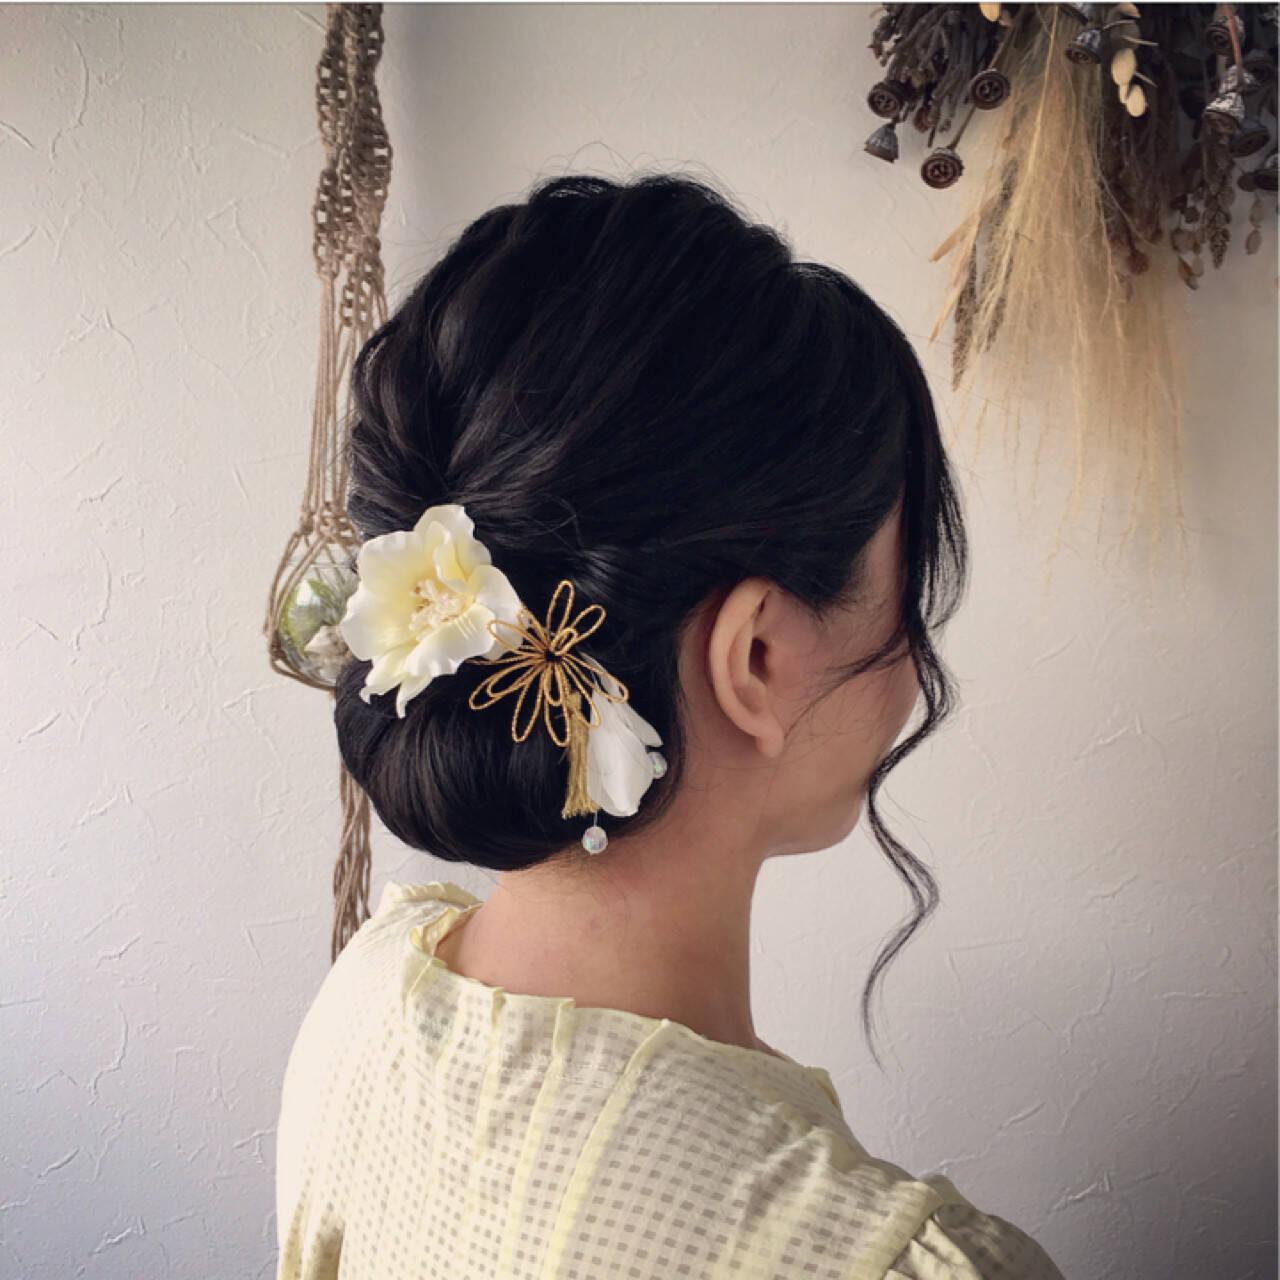 色気 夏 シニヨン 和装ヘアスタイルや髪型の写真・画像